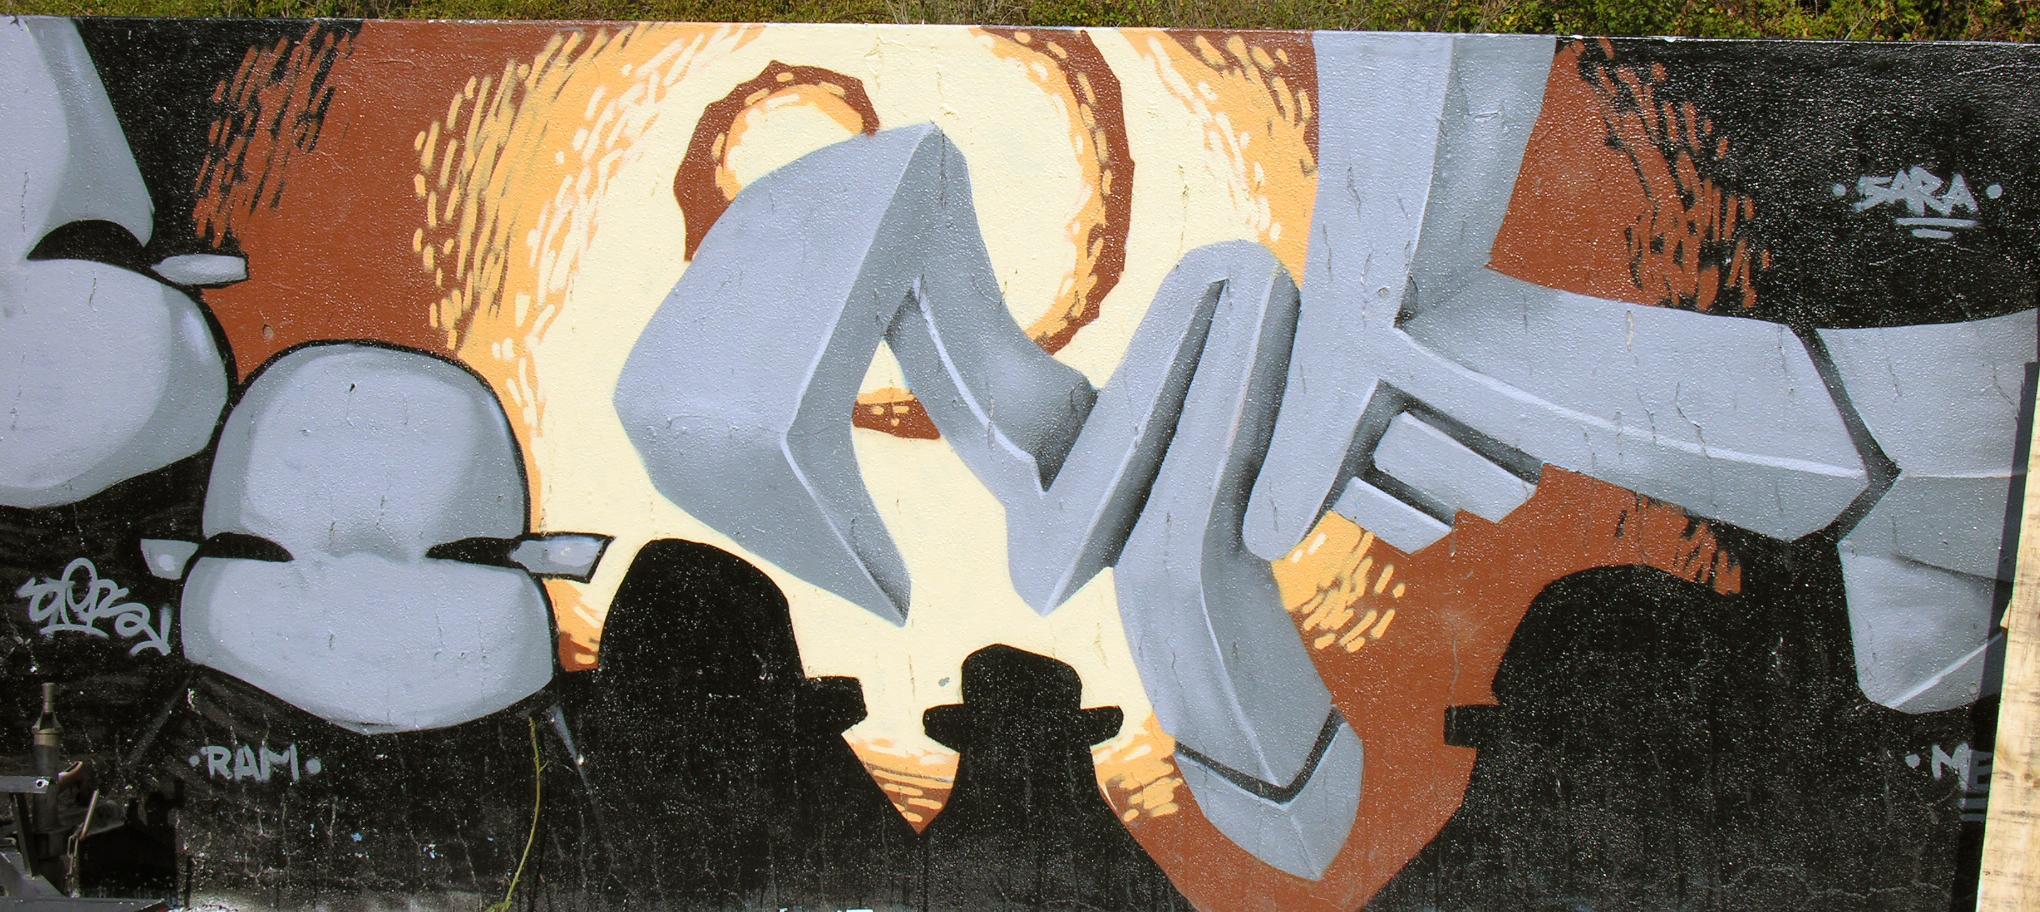 aba_20090927_Postais-de-Sintra_Graffiti_3865